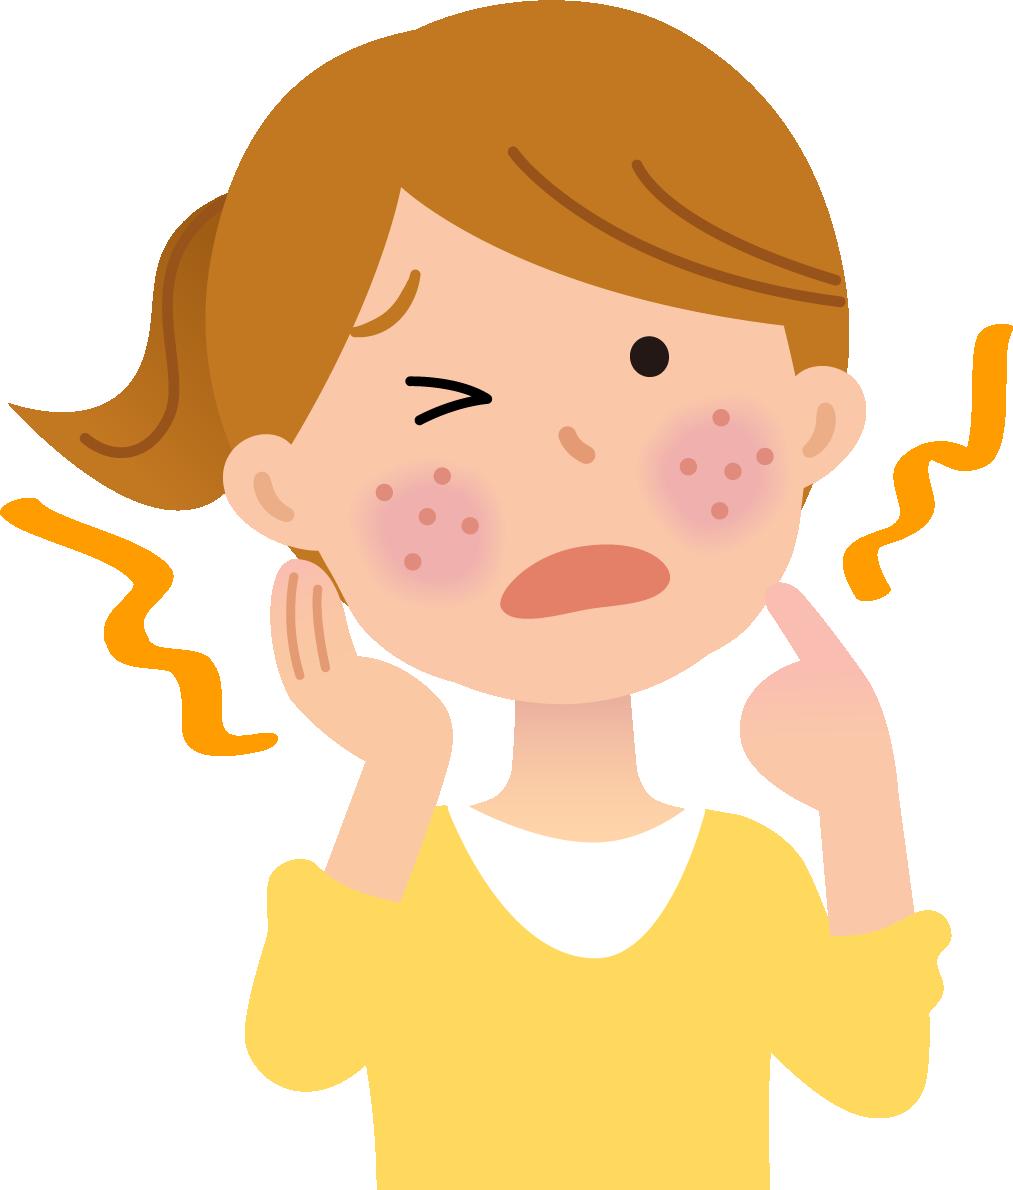 慢性蕁麻疹に抗ロイコトリエン拮抗薬は有効か?